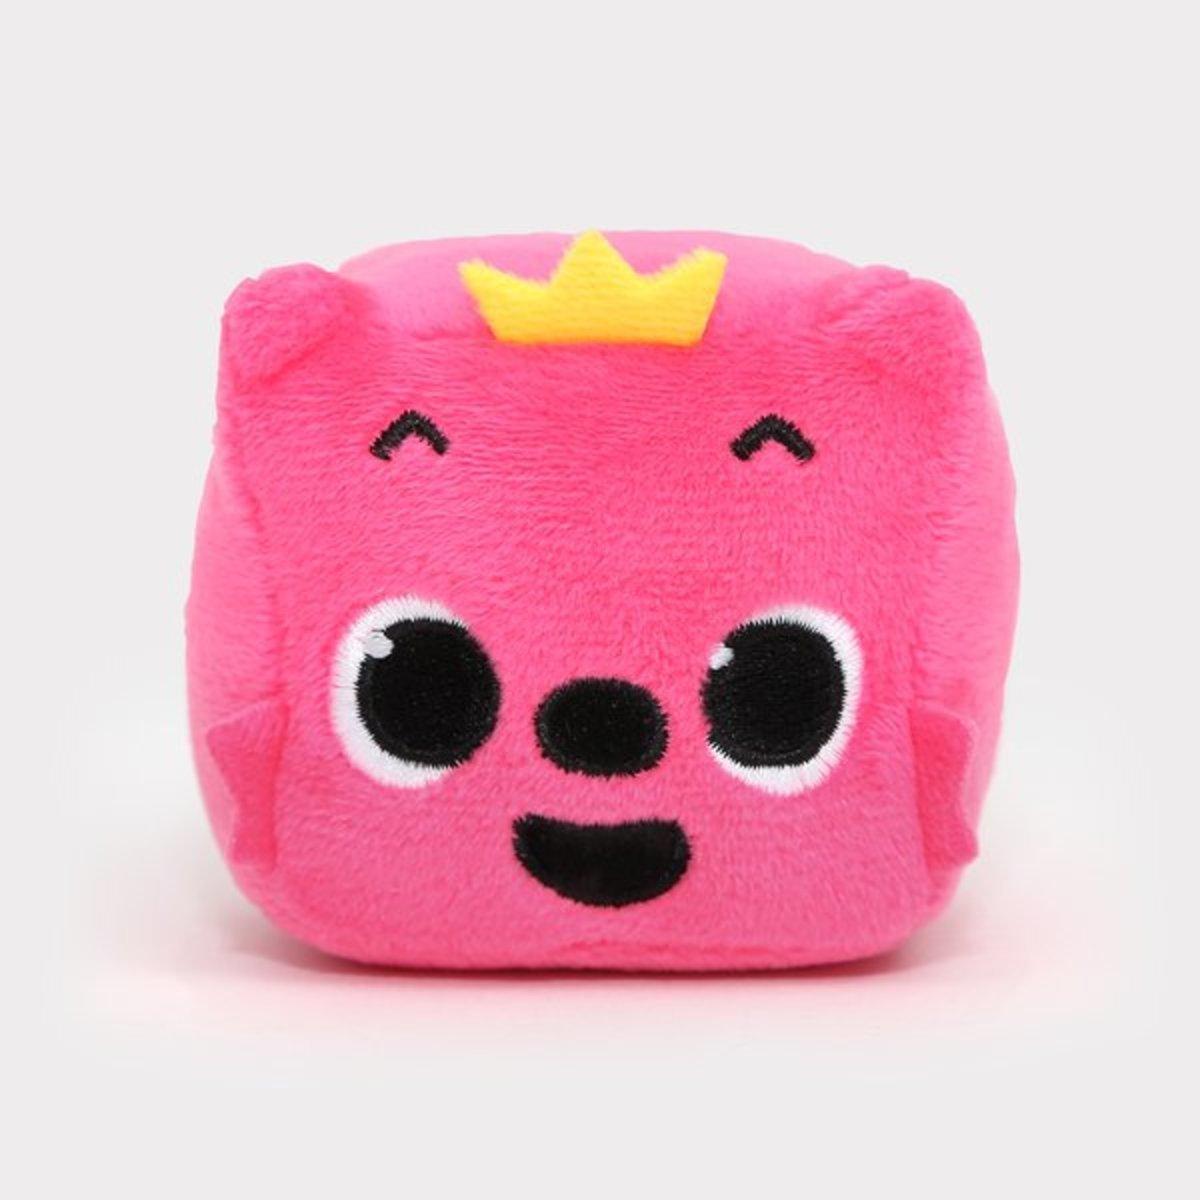 碰碰狐 Cubes Sound 聲音方塊公仔 - Pinkfong